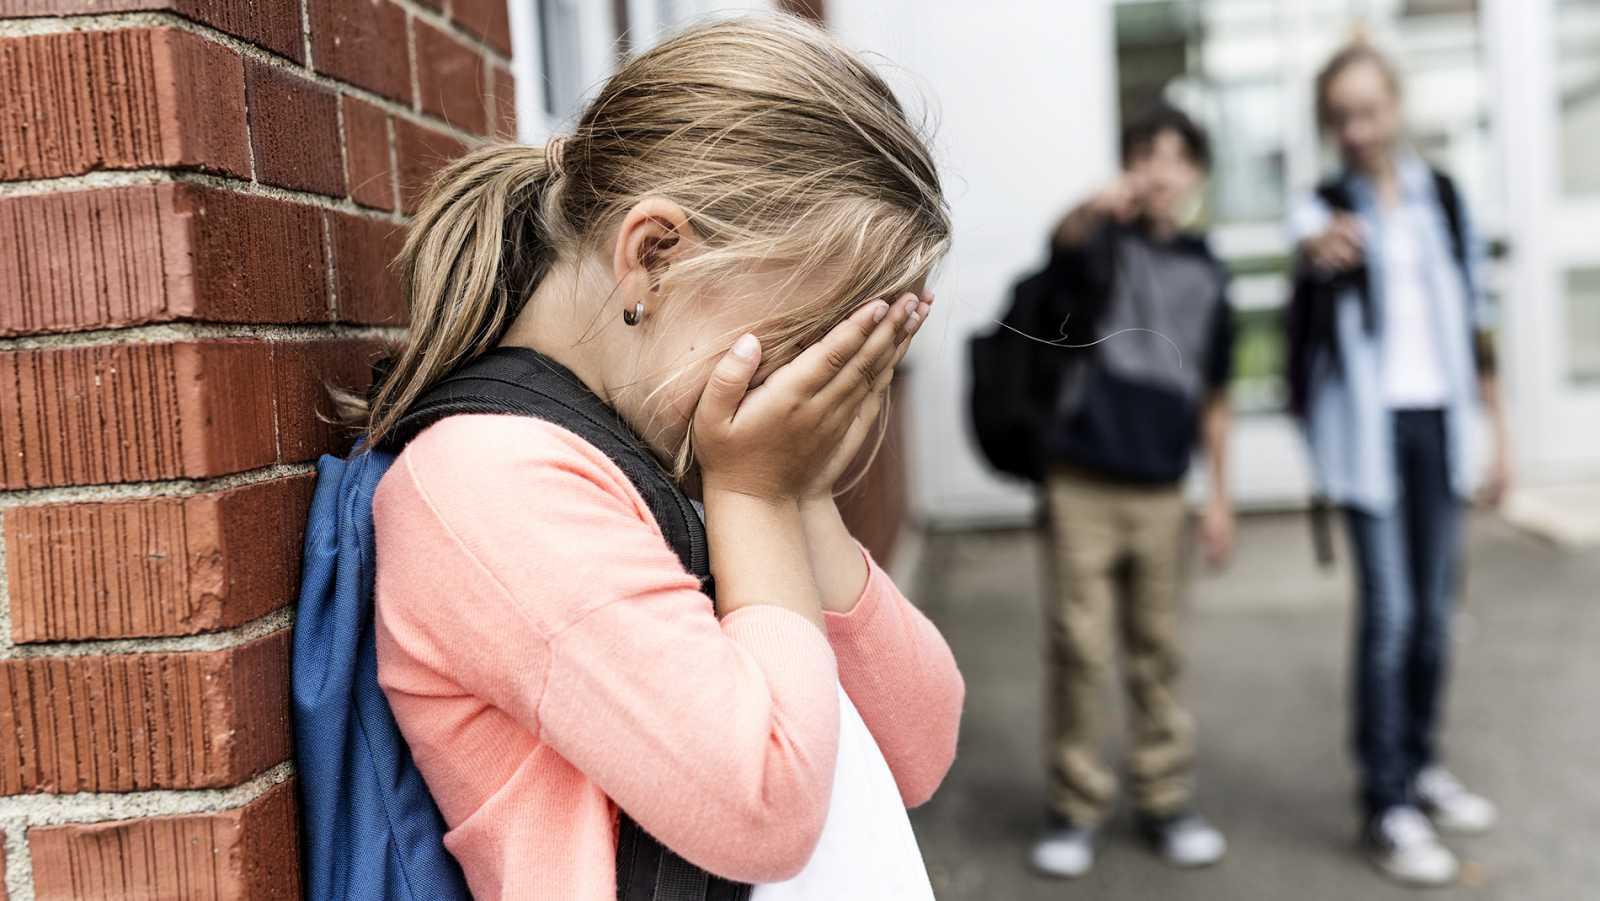 Cuentos sobre bullying